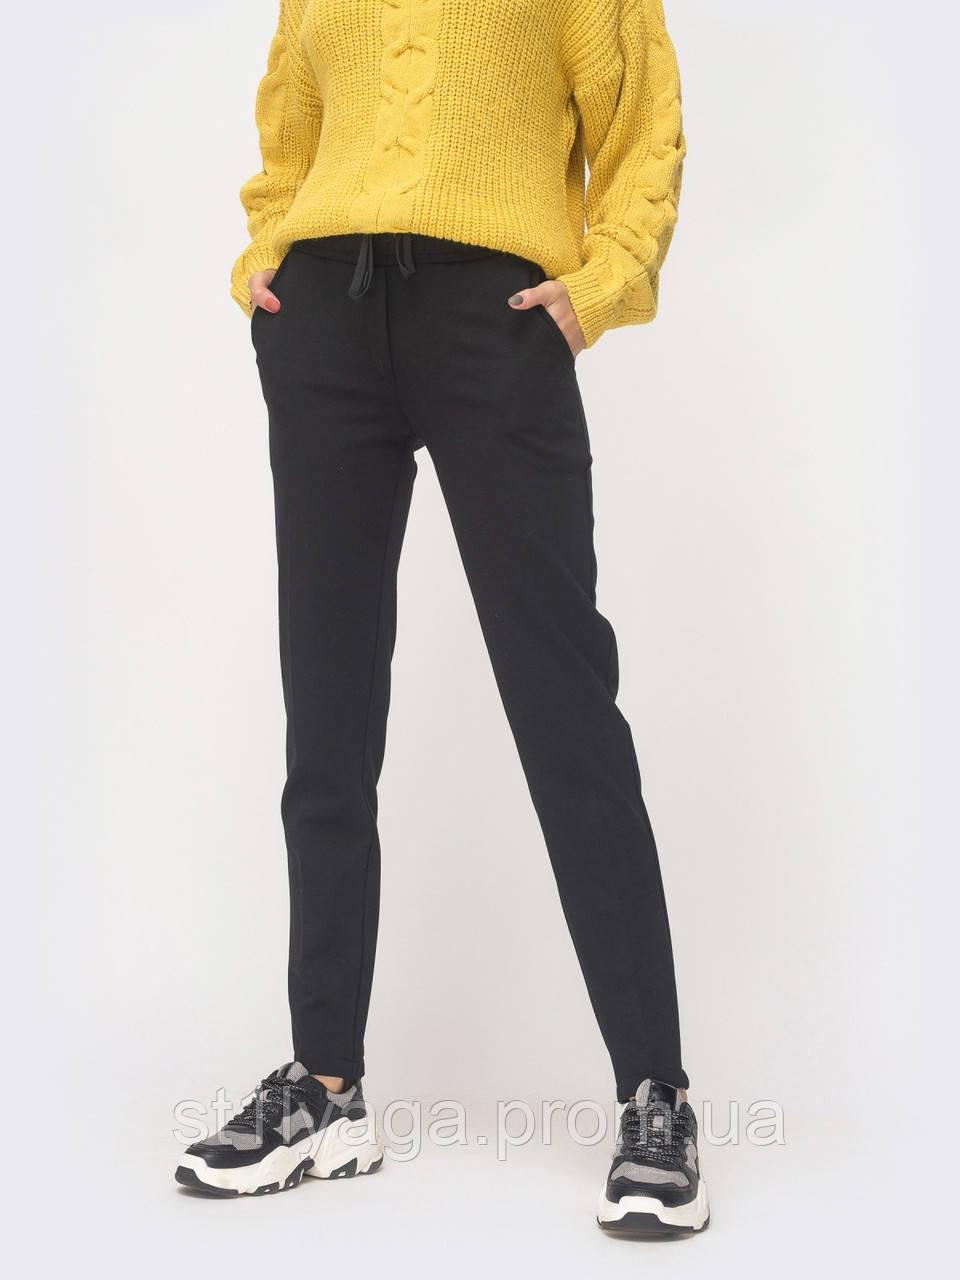 42,44,46,48,50,52 Базові чорні штани на флісі з поясом на резинці і косими кишенями